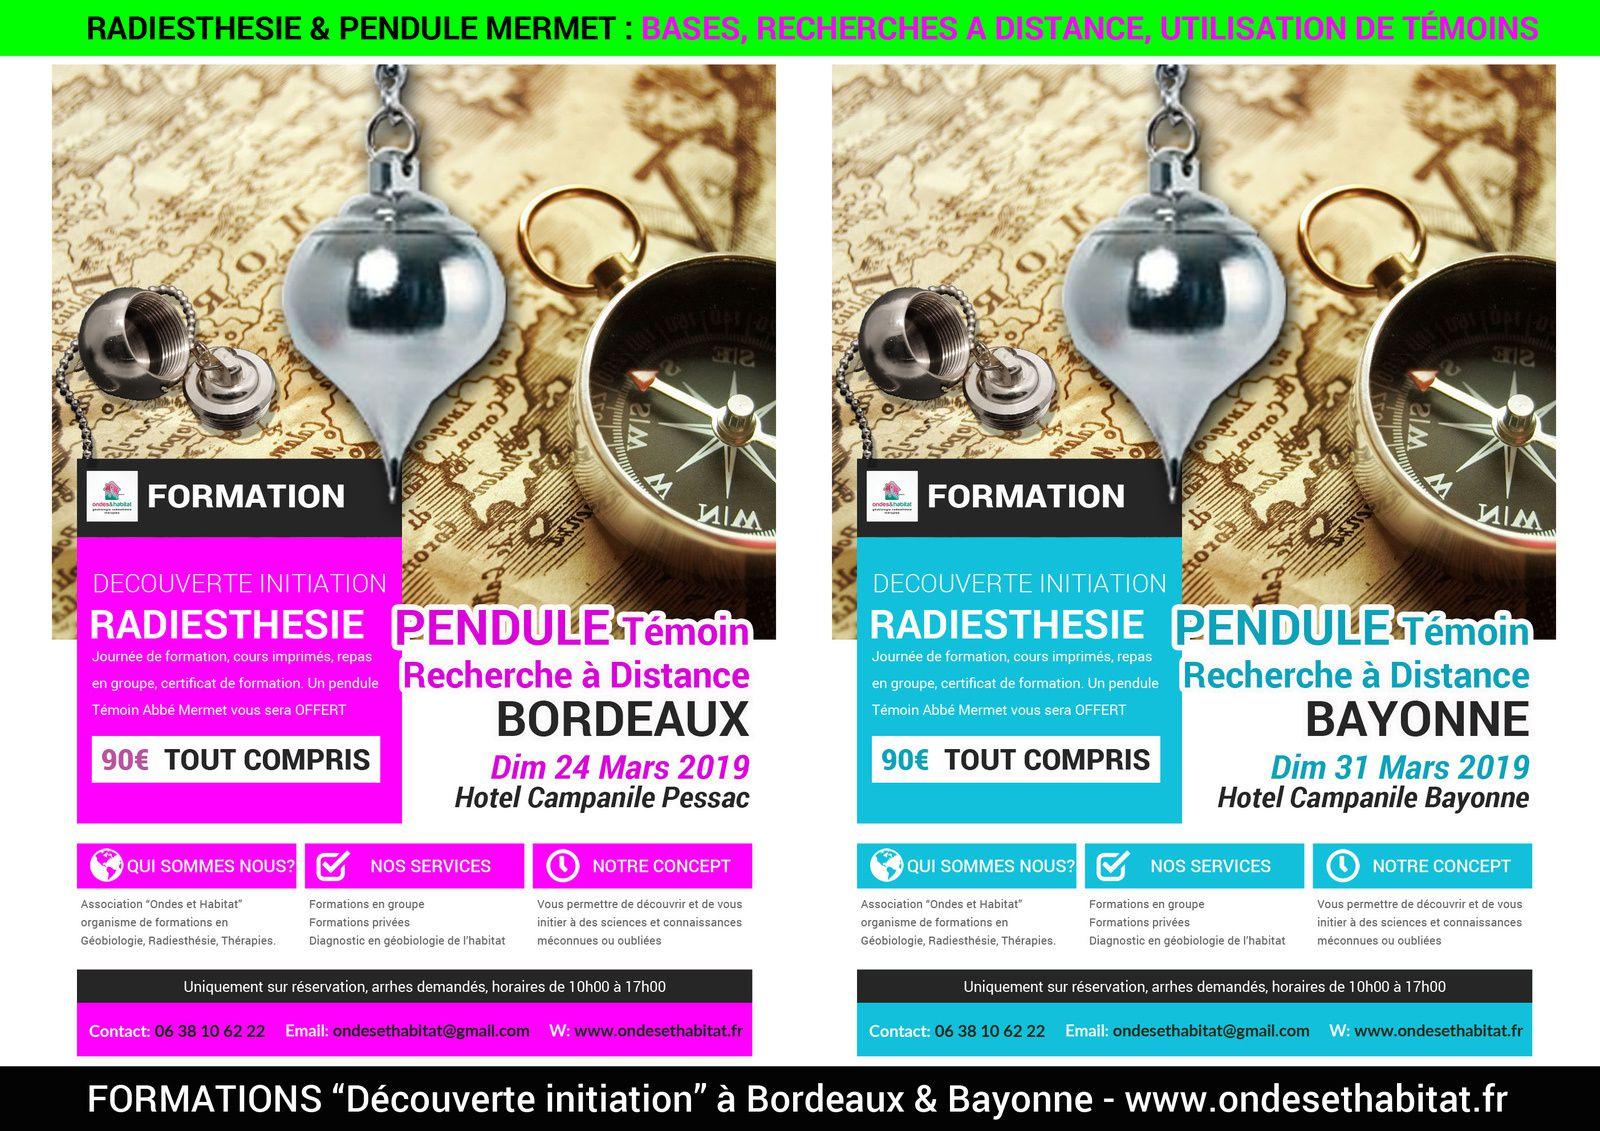 Formation Radiesthésie Pendule Mermet Recherche à Distance, témoin, à Bordeaux ou Bayonne, Aquitaine-Limousin-Poitou-Charentes